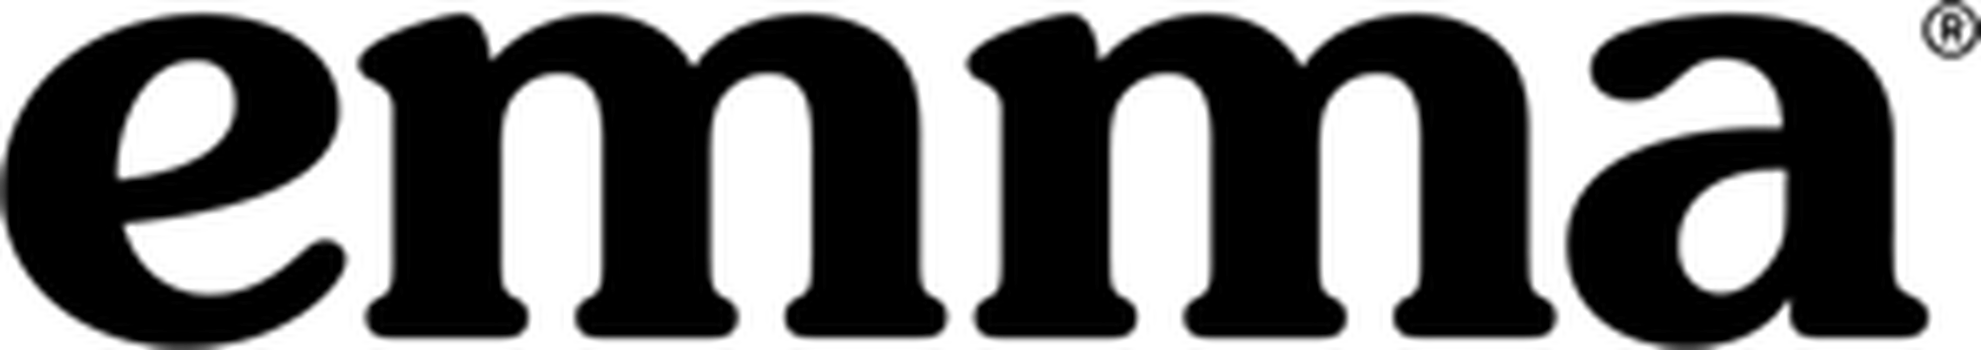 Emma Email Marketing Blog  logo